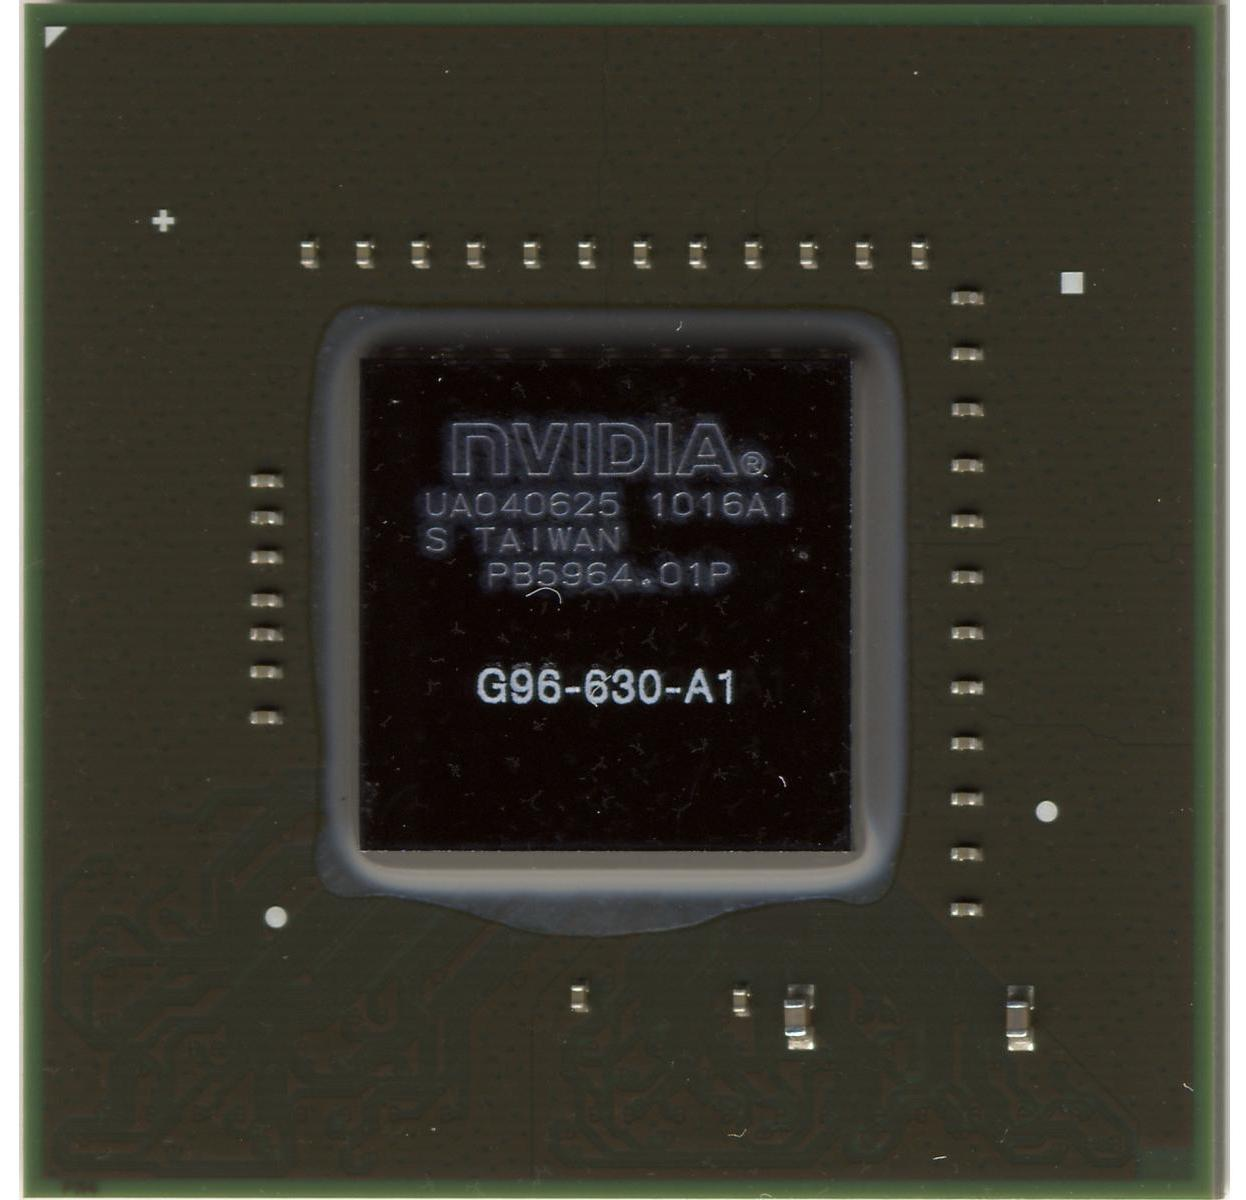 G96-630-A1